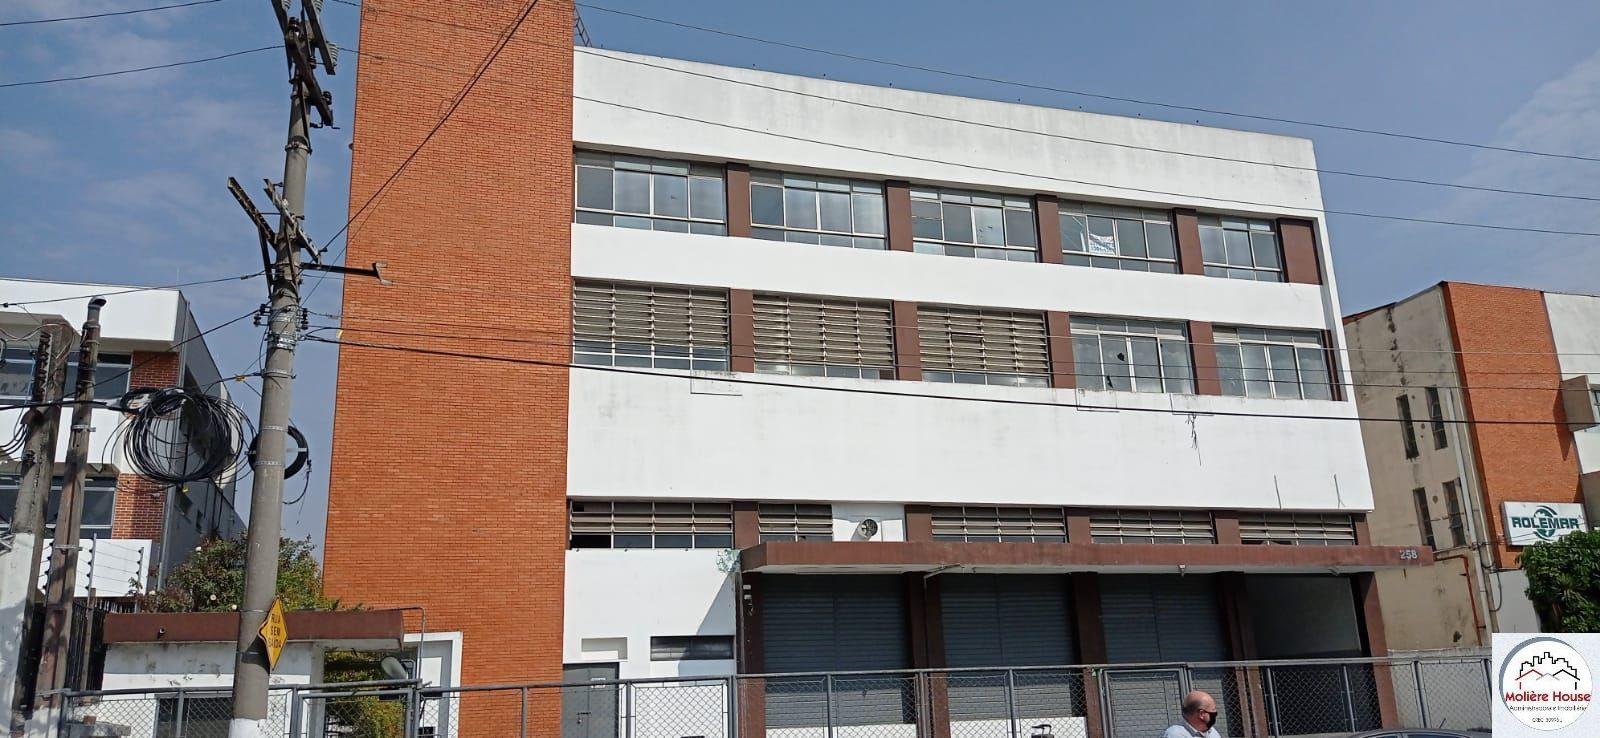 Pavilhão/galpão/depósito à venda  no Água Branca - São Paulo, SP. Imóveis